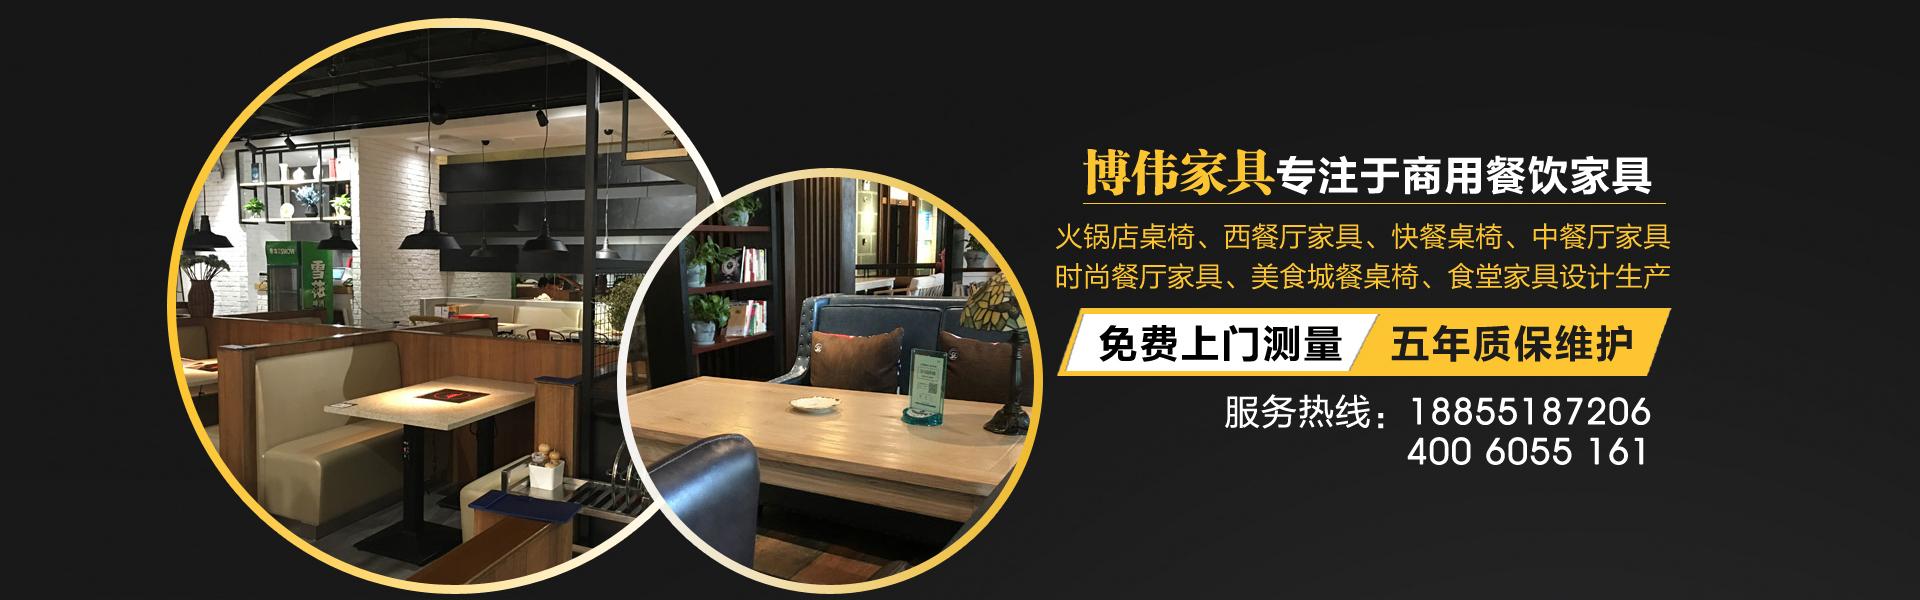 博伟家具专注于商用餐饮家具解决方案